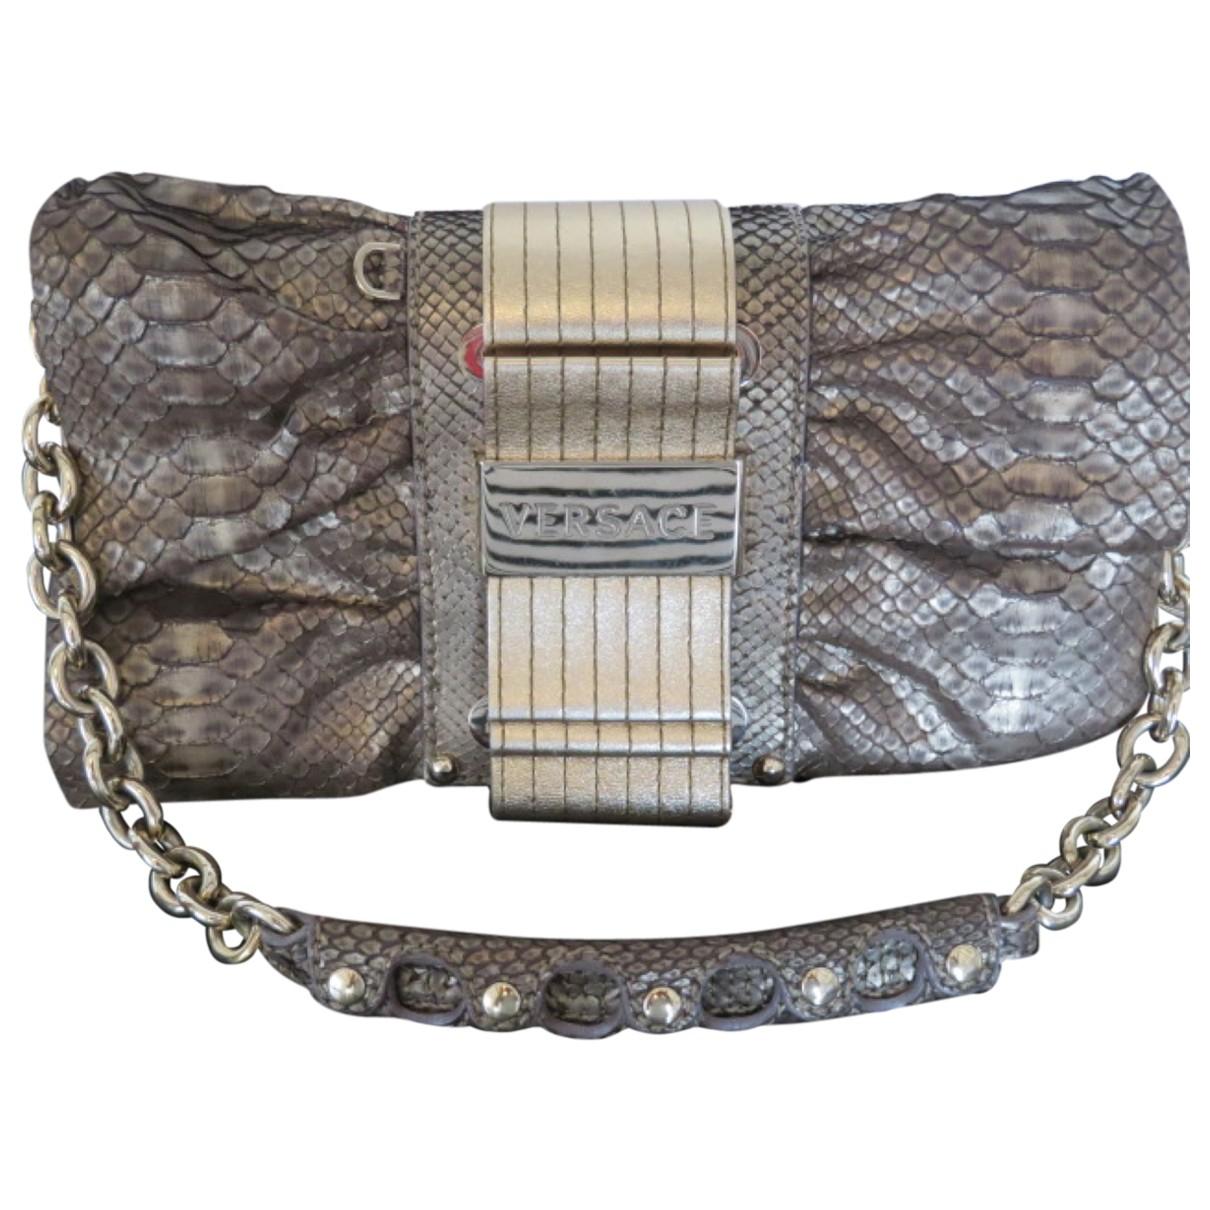 Versace \N Handtasche in  Gold Python